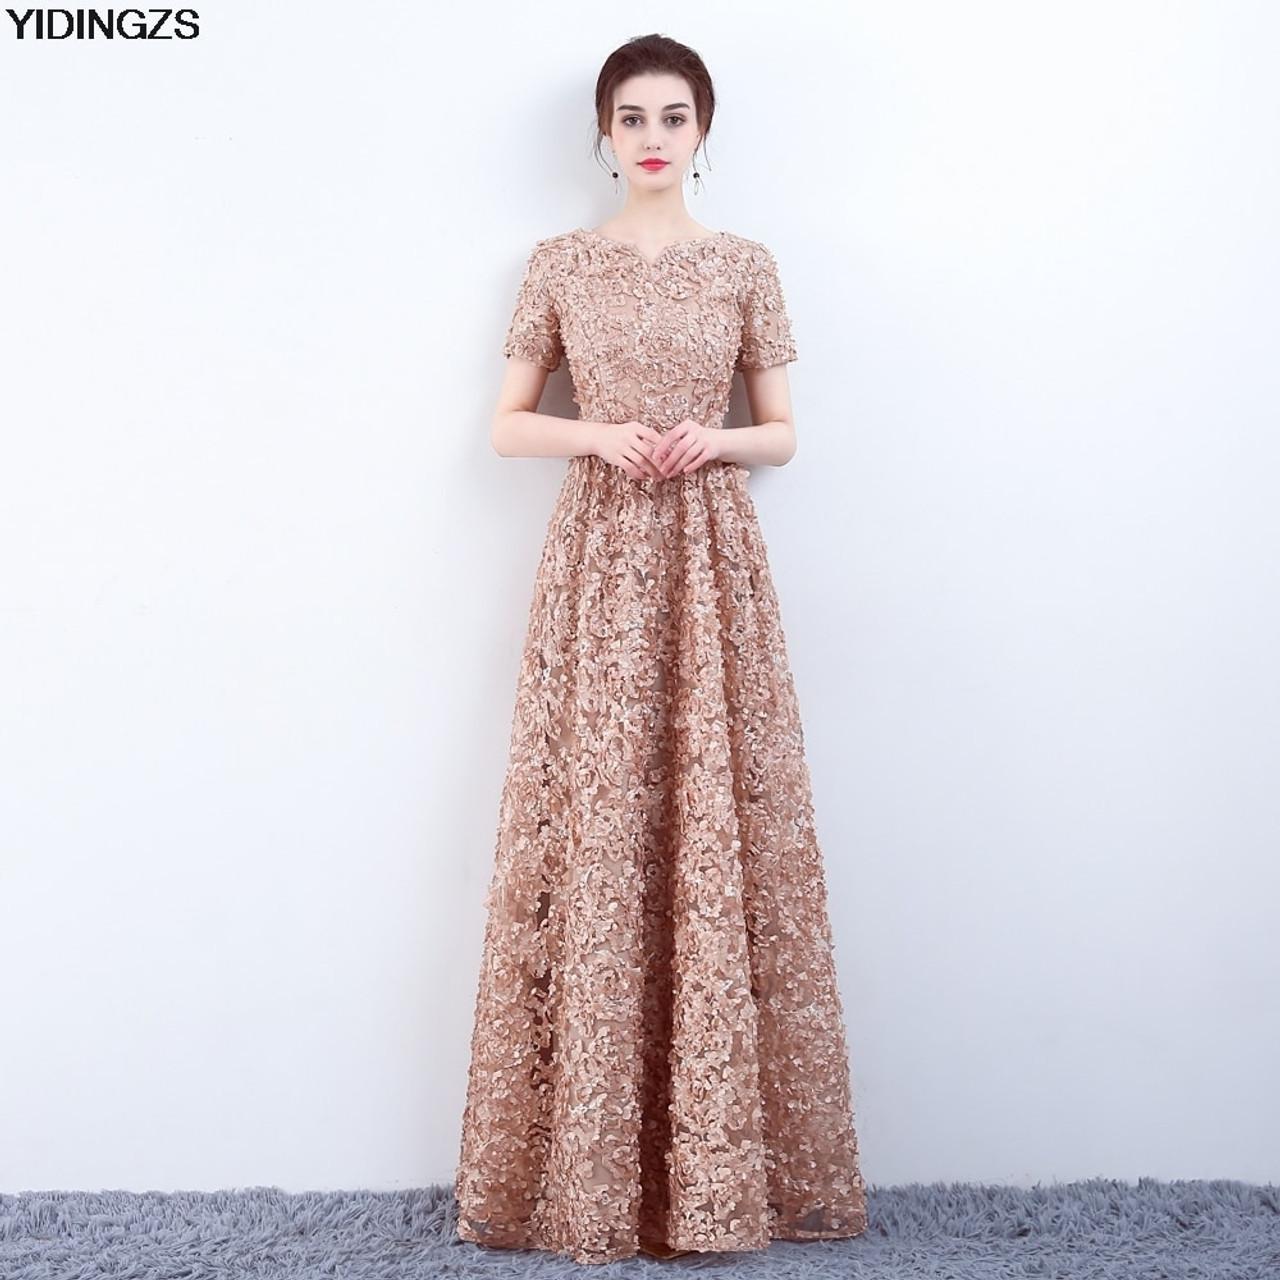 YIDINGZS Elegant Khaki Lace Evening Dress Simple Floor-length Prom Dress  Party Formal Gown - OnshopDeals.Com c3d43d4926a0